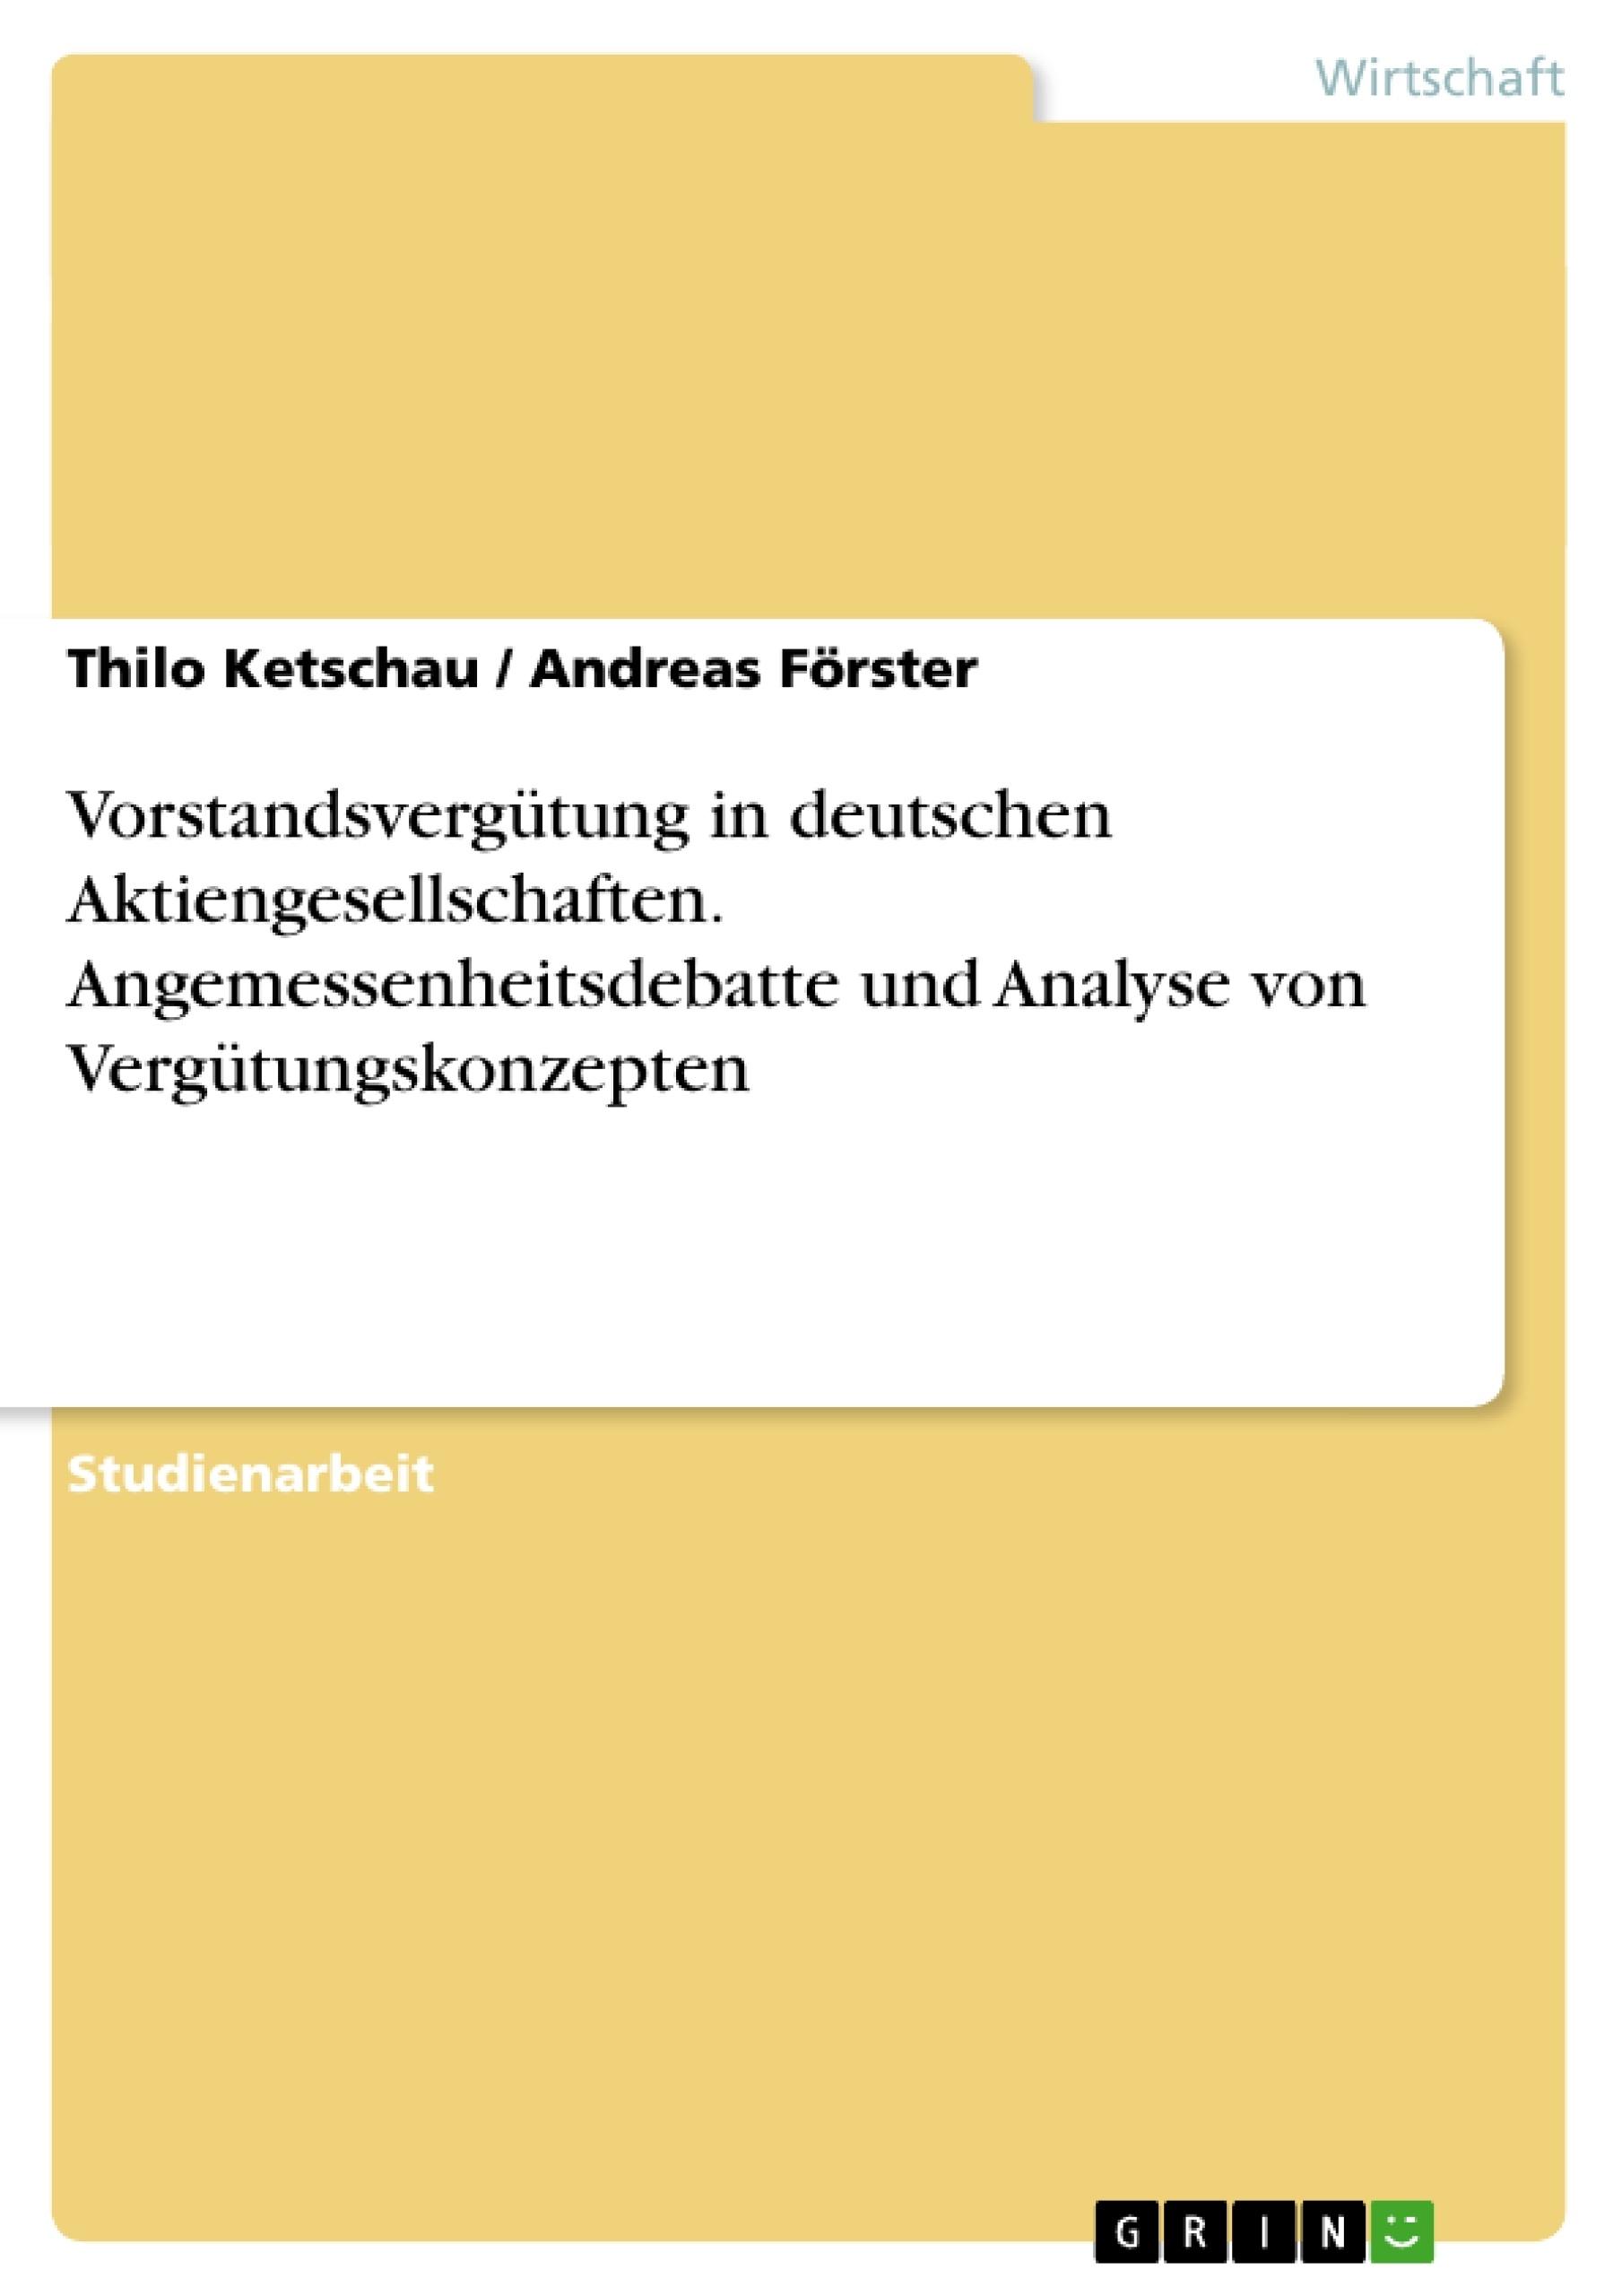 Titel: Vorstandsvergütung in deutschen Aktiengesellschaften. Angemessenheitsdebatte und Analyse von Vergütungskonzepten